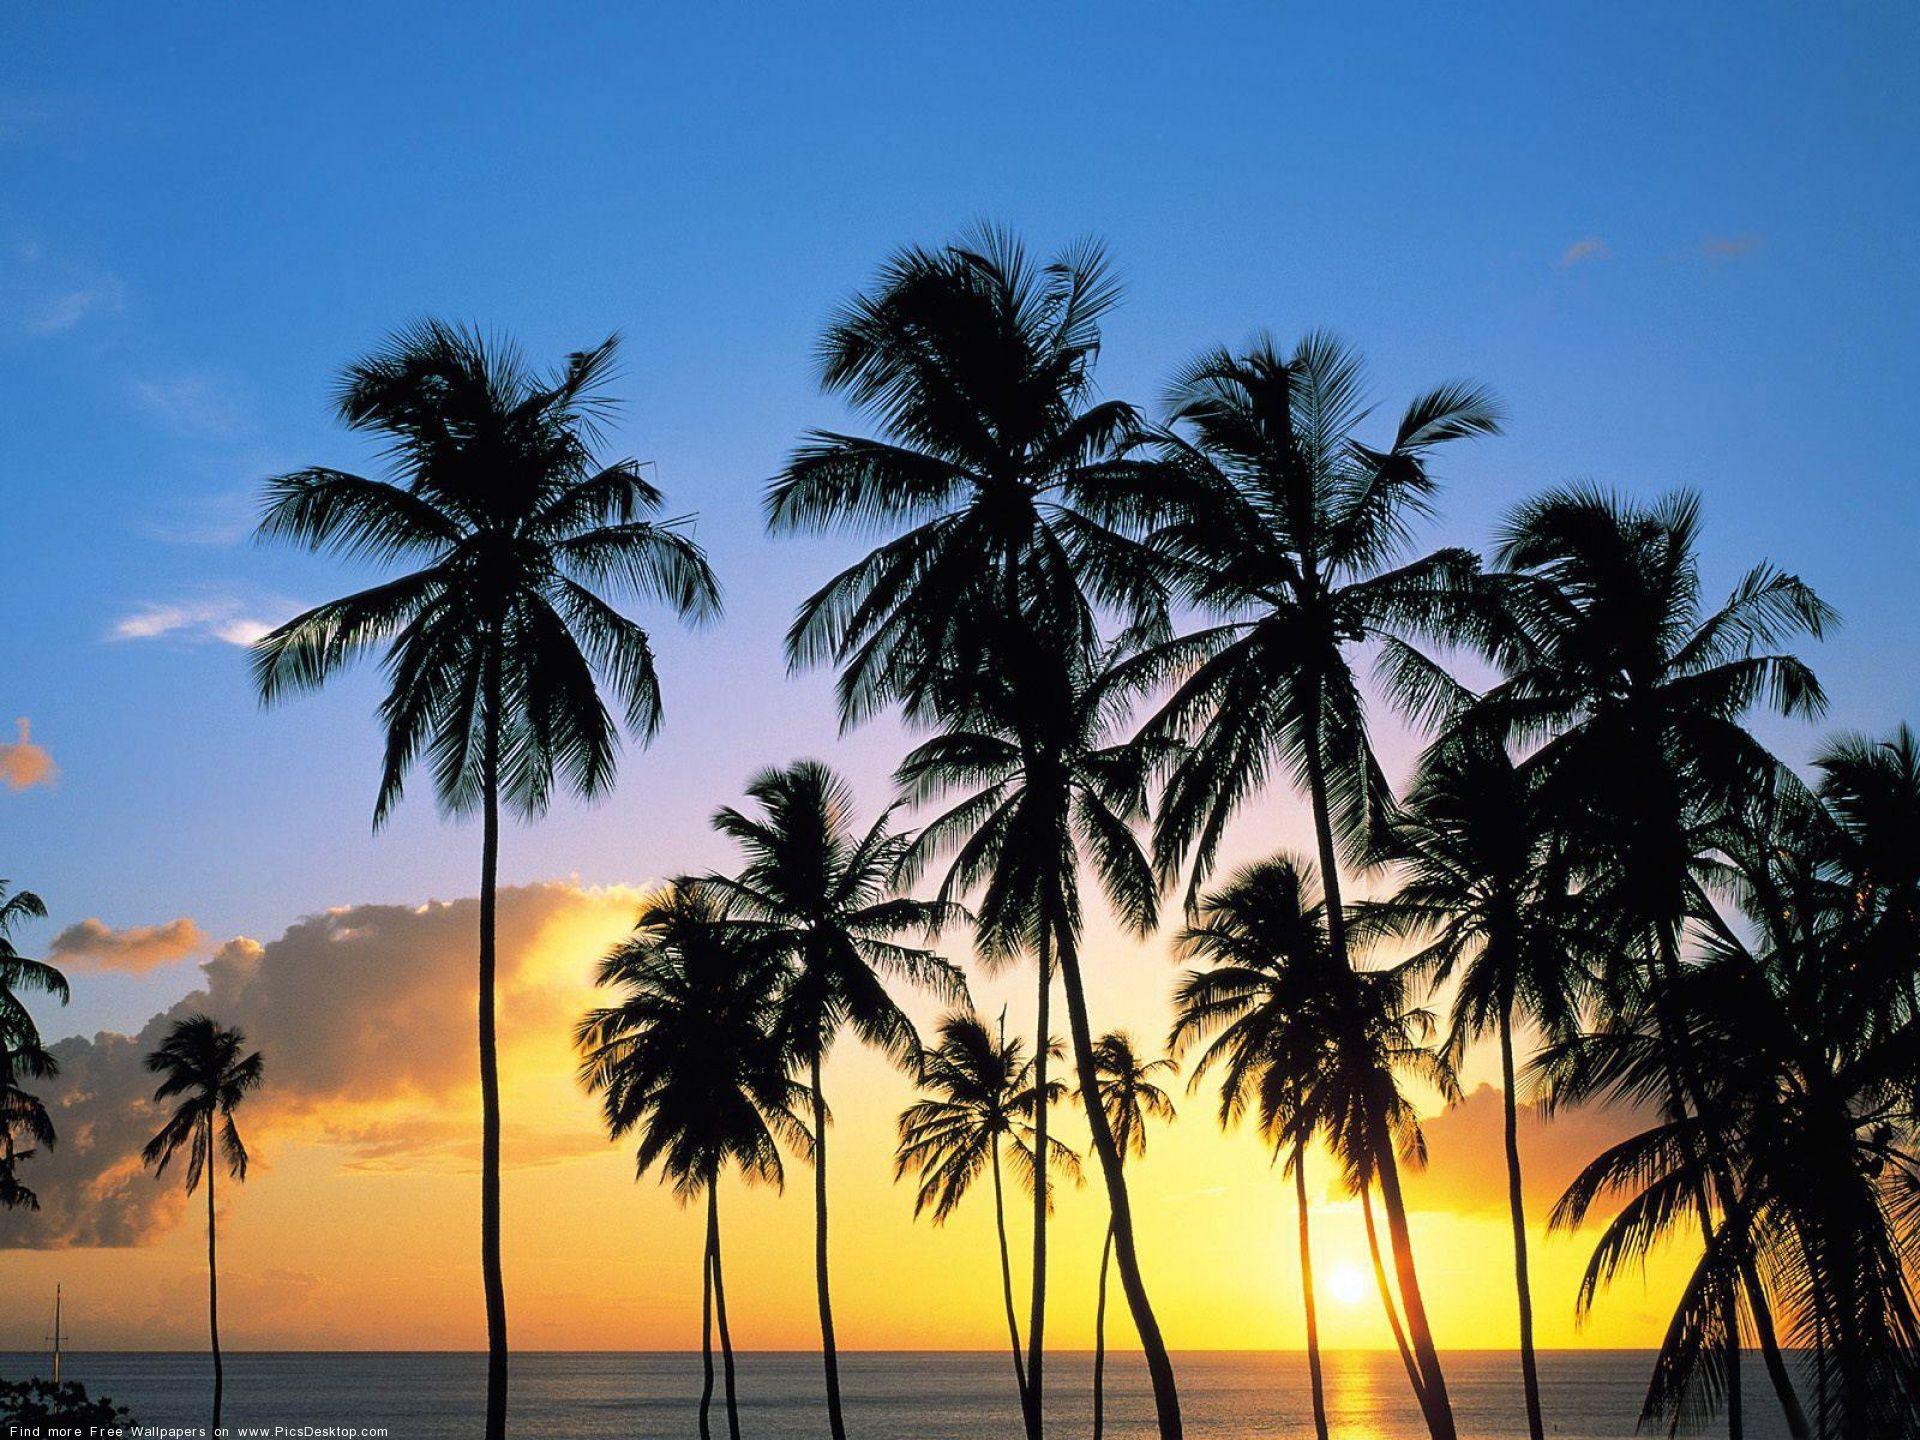 Nature Summer Desktop Wallpaper Pics 51 California Palm Trees Palm Tree Sunset Palm Trees Wallpaper